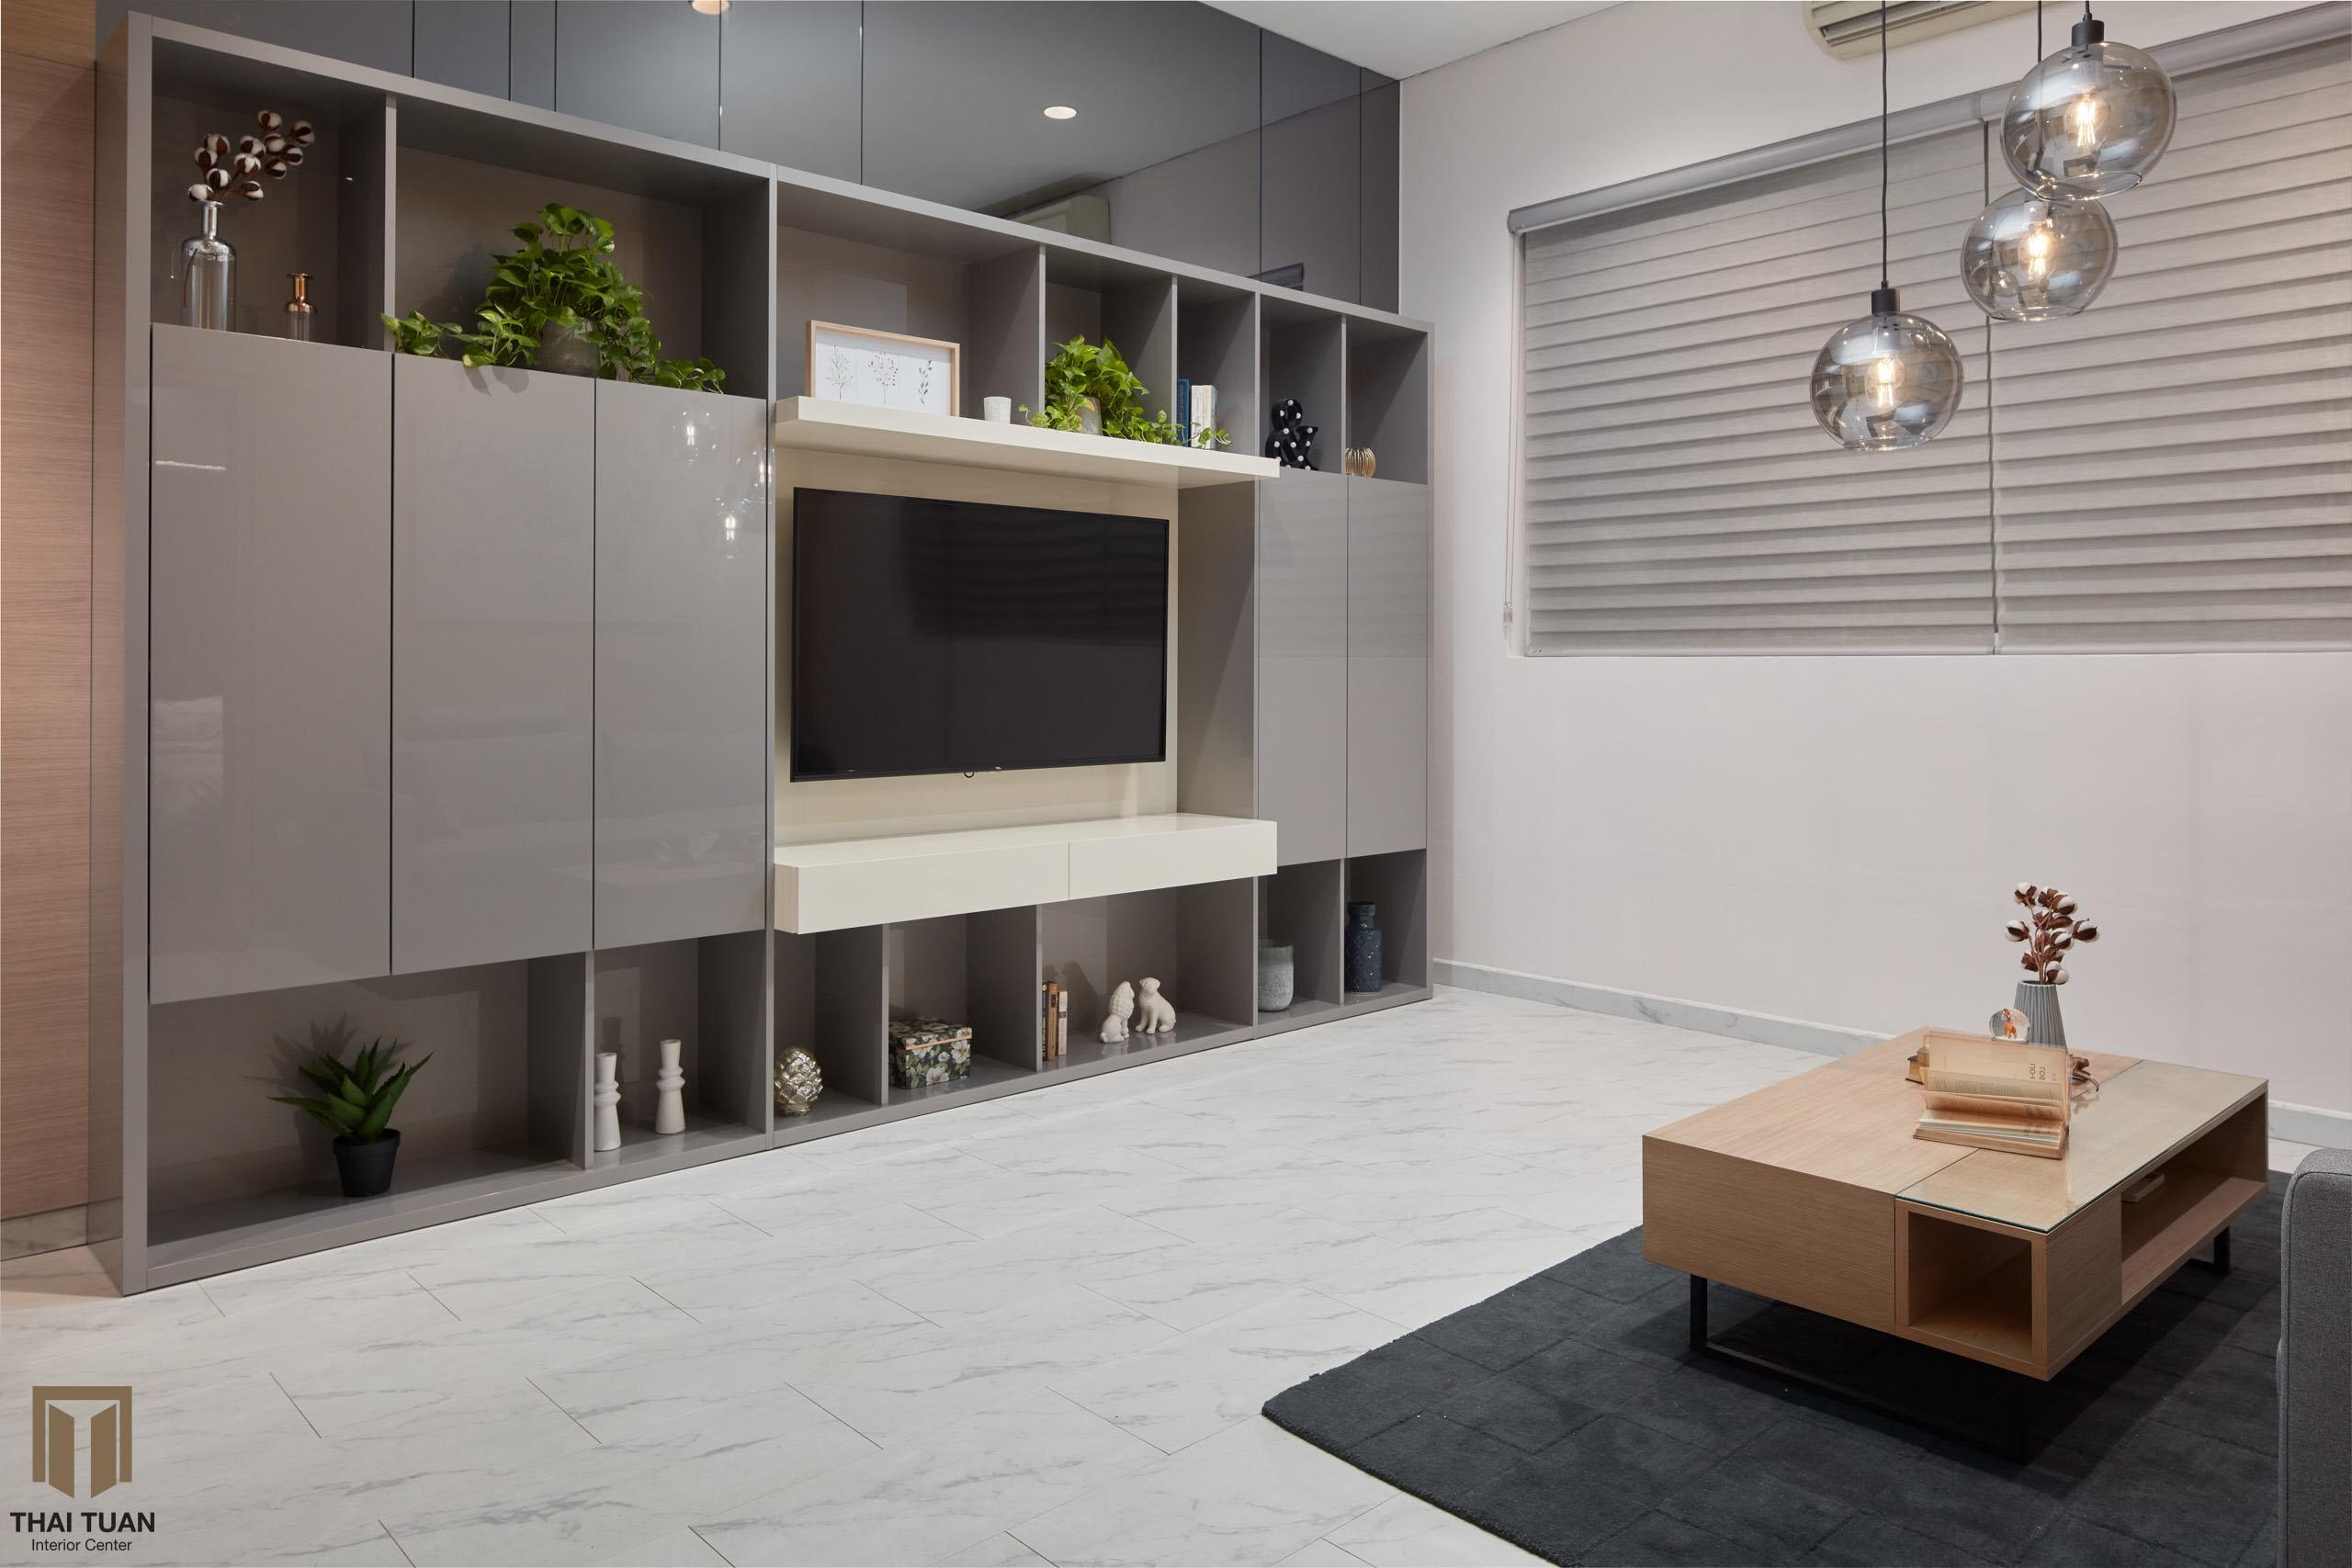 Hệ tủ TV với bề mặt Acrylic bóng gương tạo nên sự sang trọng cho không gian